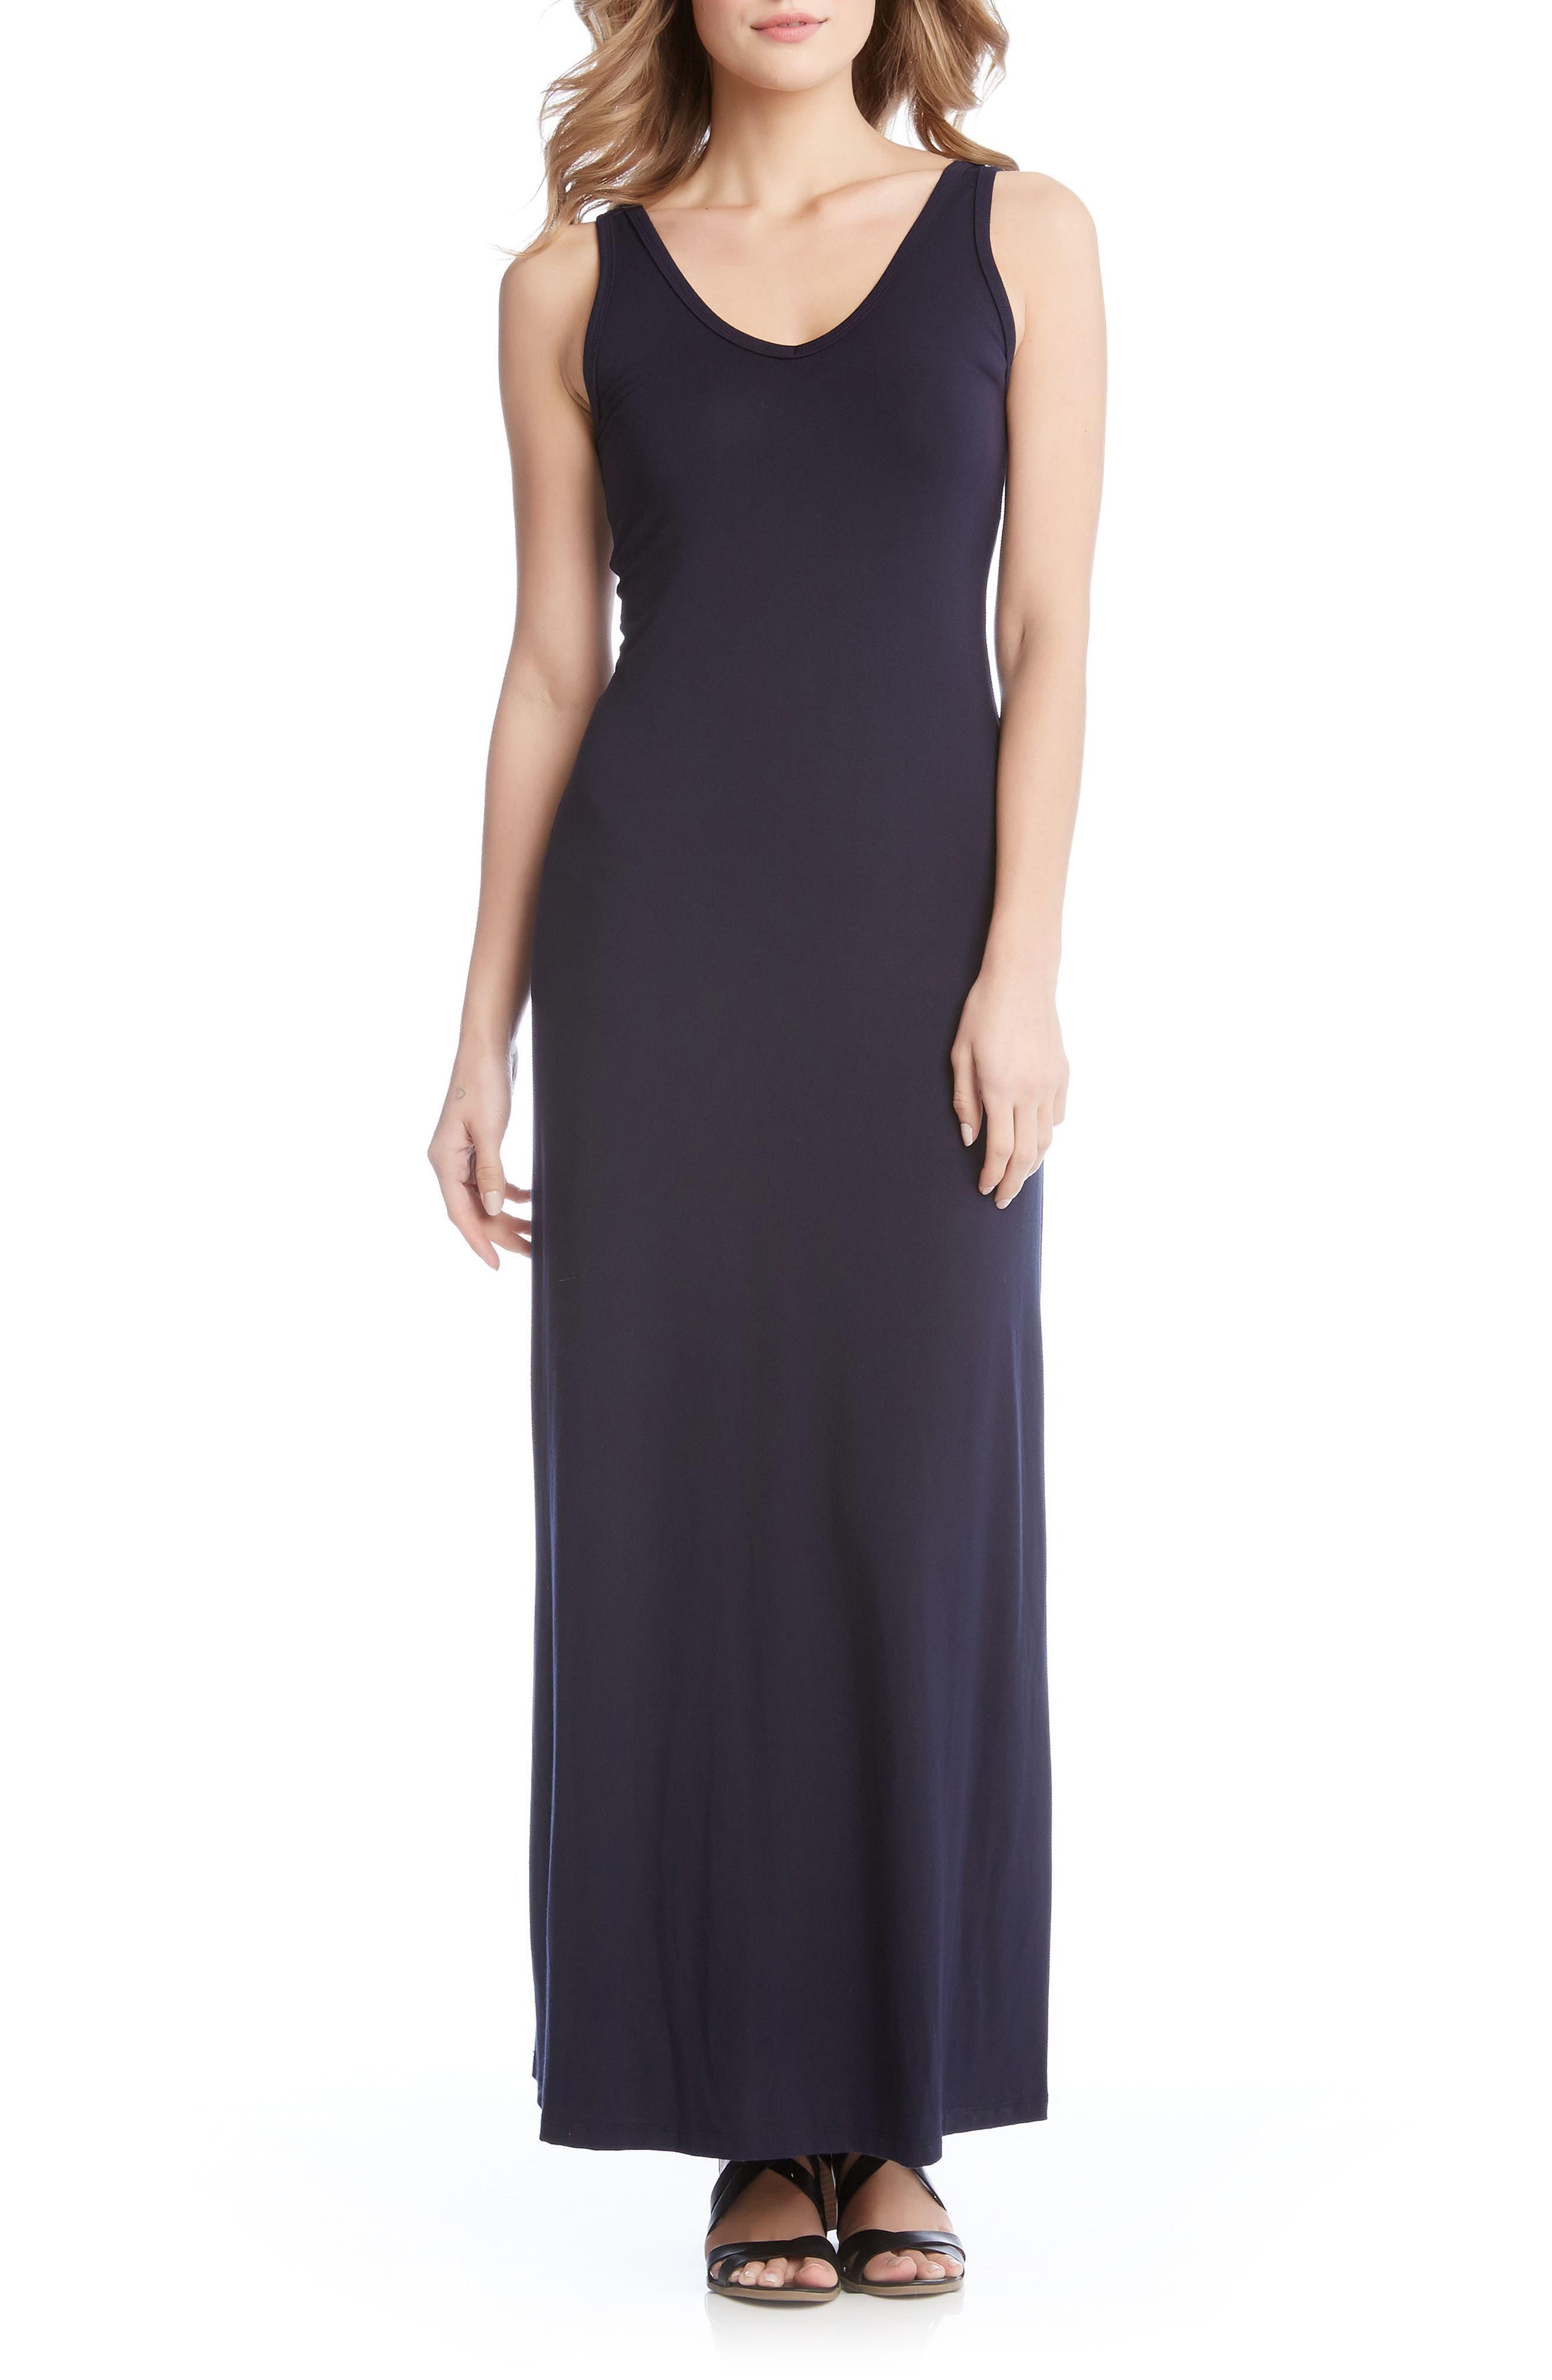 Main Image - Karen Kane Alana Jersey Maxi Dress